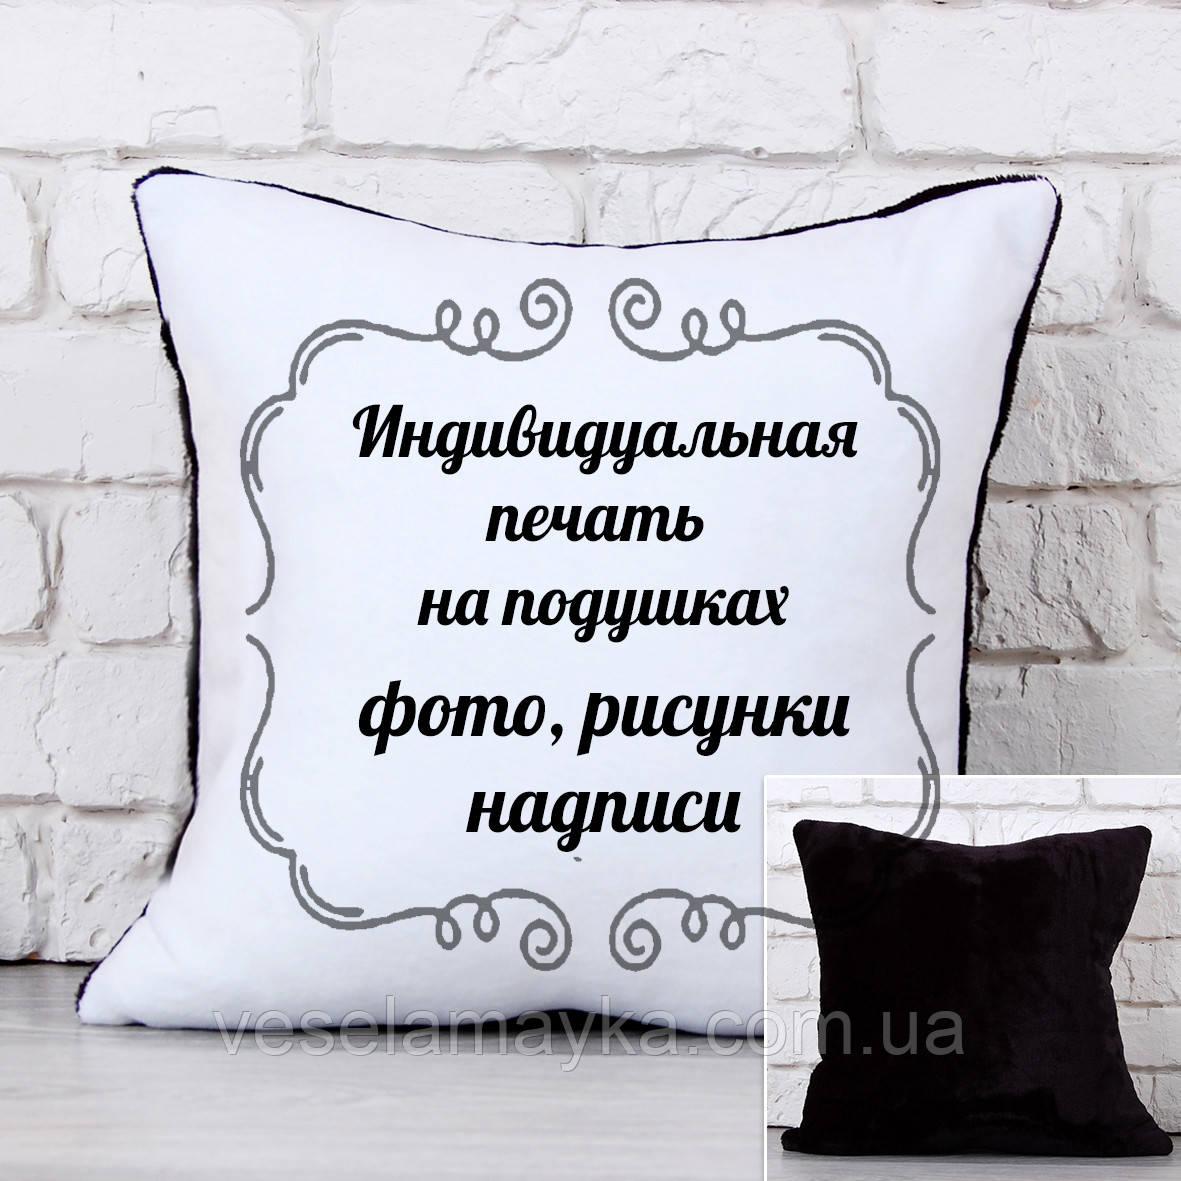 Черная плюшевая подушка с печатью 35x35 см